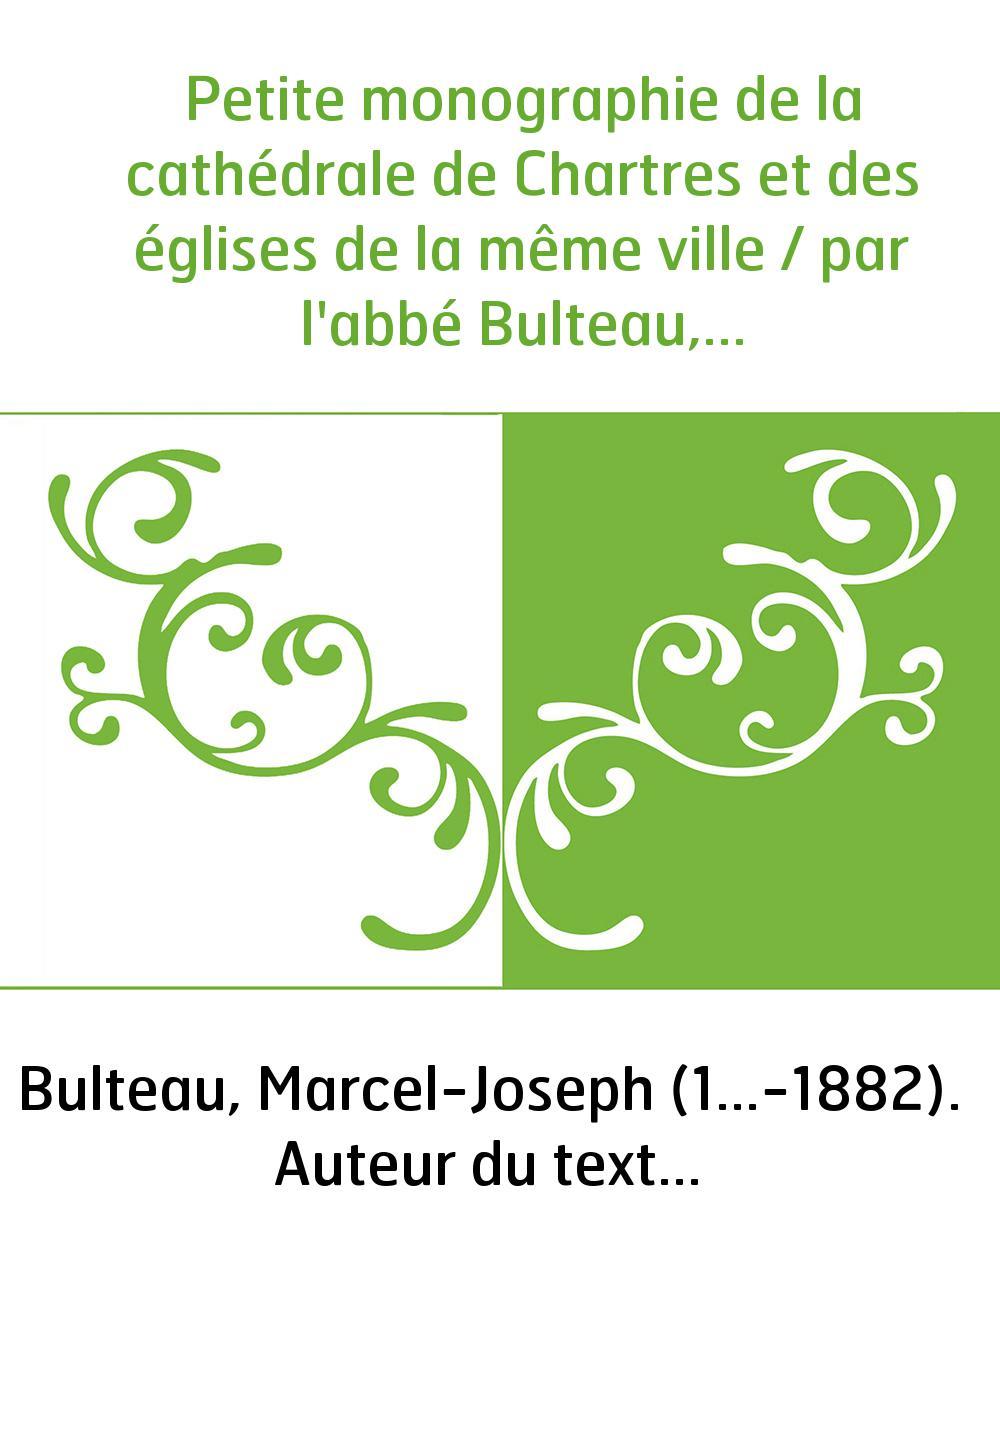 Petite monographie de la cathédrale de Chartres et des églises de la même ville / par l'abbé Bulteau,...